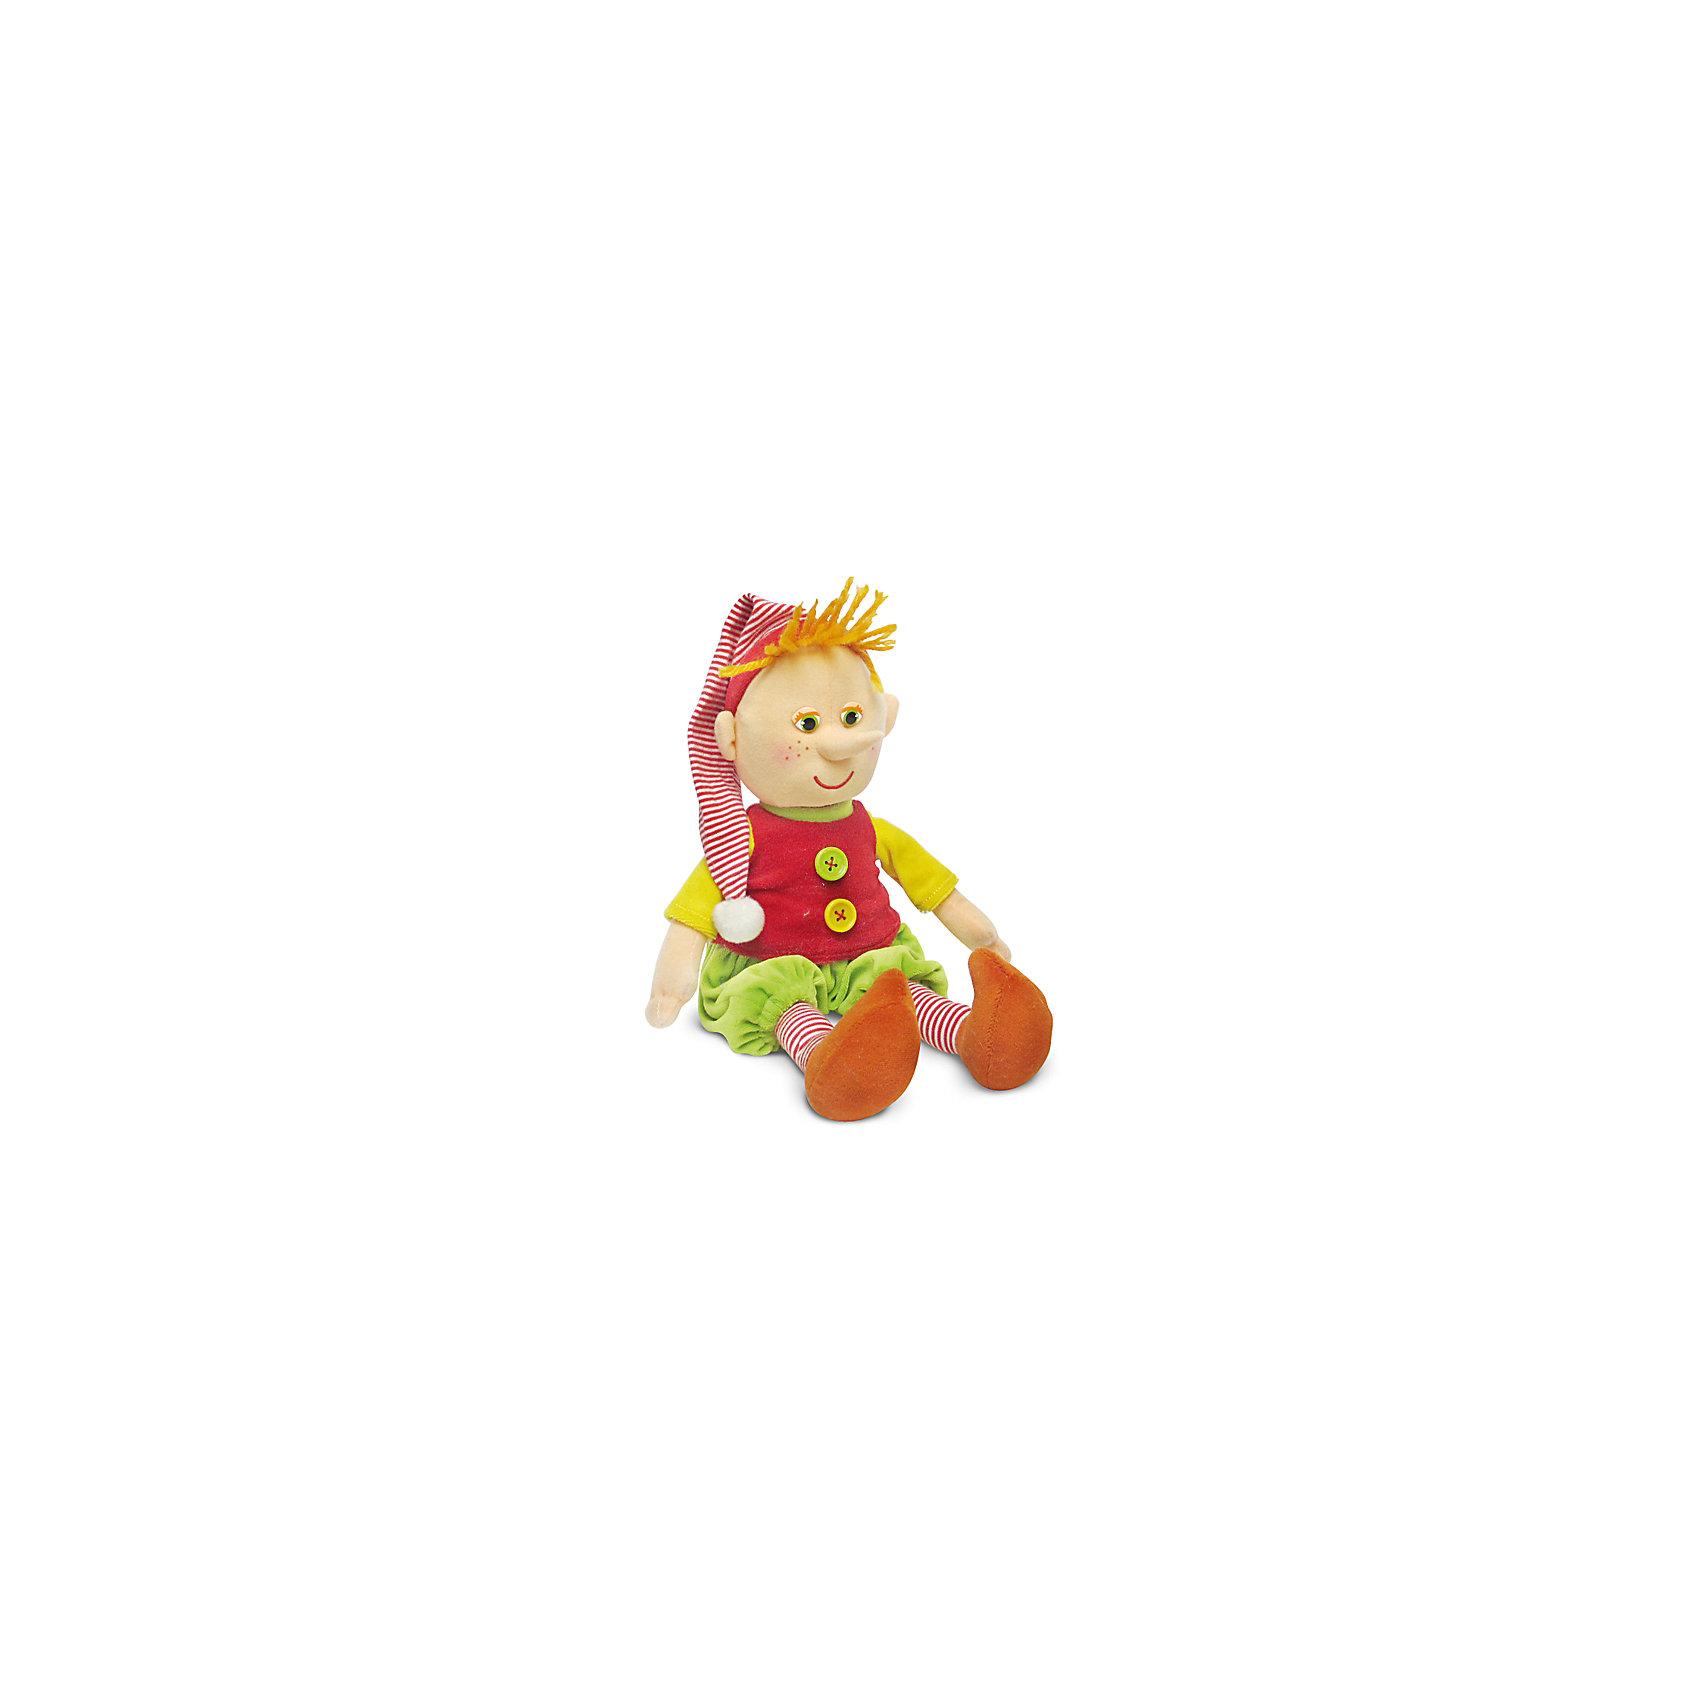 Пиноккио музыкальный, 21 см., LAVAМягкие куклы<br>Веселый и озорной Пиноккио станет настоящим другом вашему ребенку. Он споет малышу веселую песенку и обязательно поднимет настроение. Игрушка выполнена из высококачественных экологичных материалов, плотно набита, очень приятна на ощупь. <br><br>Дополнительная информация:<br><br>- Материал: искусственный мех, текстиль, синтепон, пластик.<br>- Высота: 21 см.<br>- Поет песенку. <br>- Элемент питания: батарейка (в комплекте).<br><br>Пиноккио музыкального, 21 см., LAVA (ЛАВА) можно купить в нашем магазине.<br><br>Ширина мм: 150<br>Глубина мм: 150<br>Высота мм: 210<br>Вес г: 194<br>Возраст от месяцев: 36<br>Возраст до месяцев: 1188<br>Пол: Унисекс<br>Возраст: Детский<br>SKU: 4444175